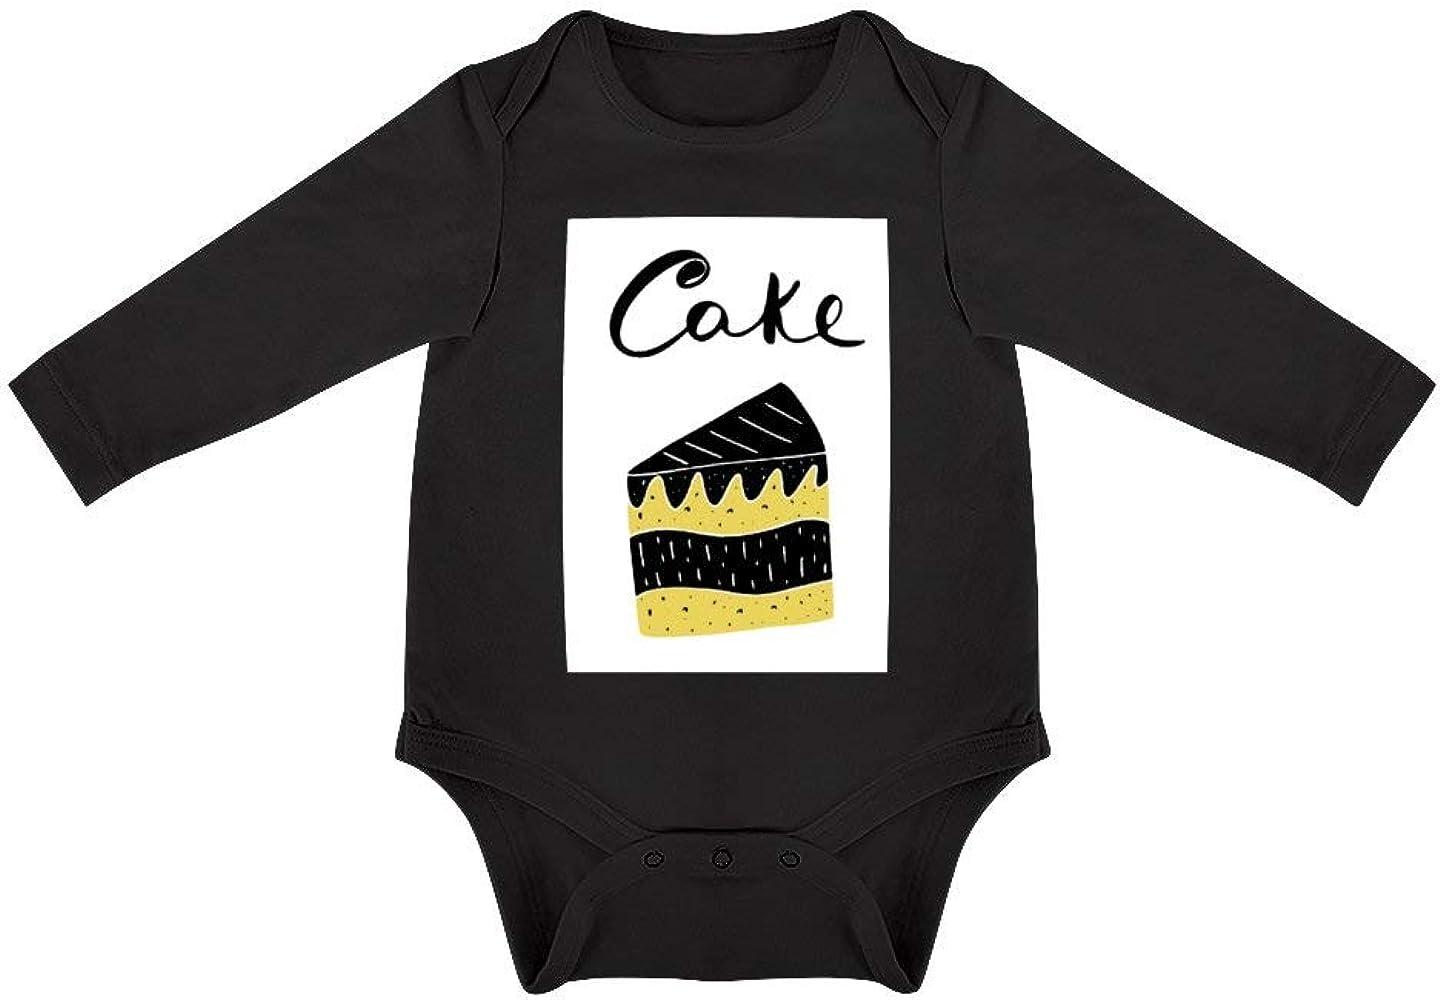 No Branded Ropa de Bebe Recien Nacido Pastel De Arte De Clip Peleles para Bebes de algodón Ideales para Dormir y Jugar 24months: Amazon.es: Ropa y accesorios